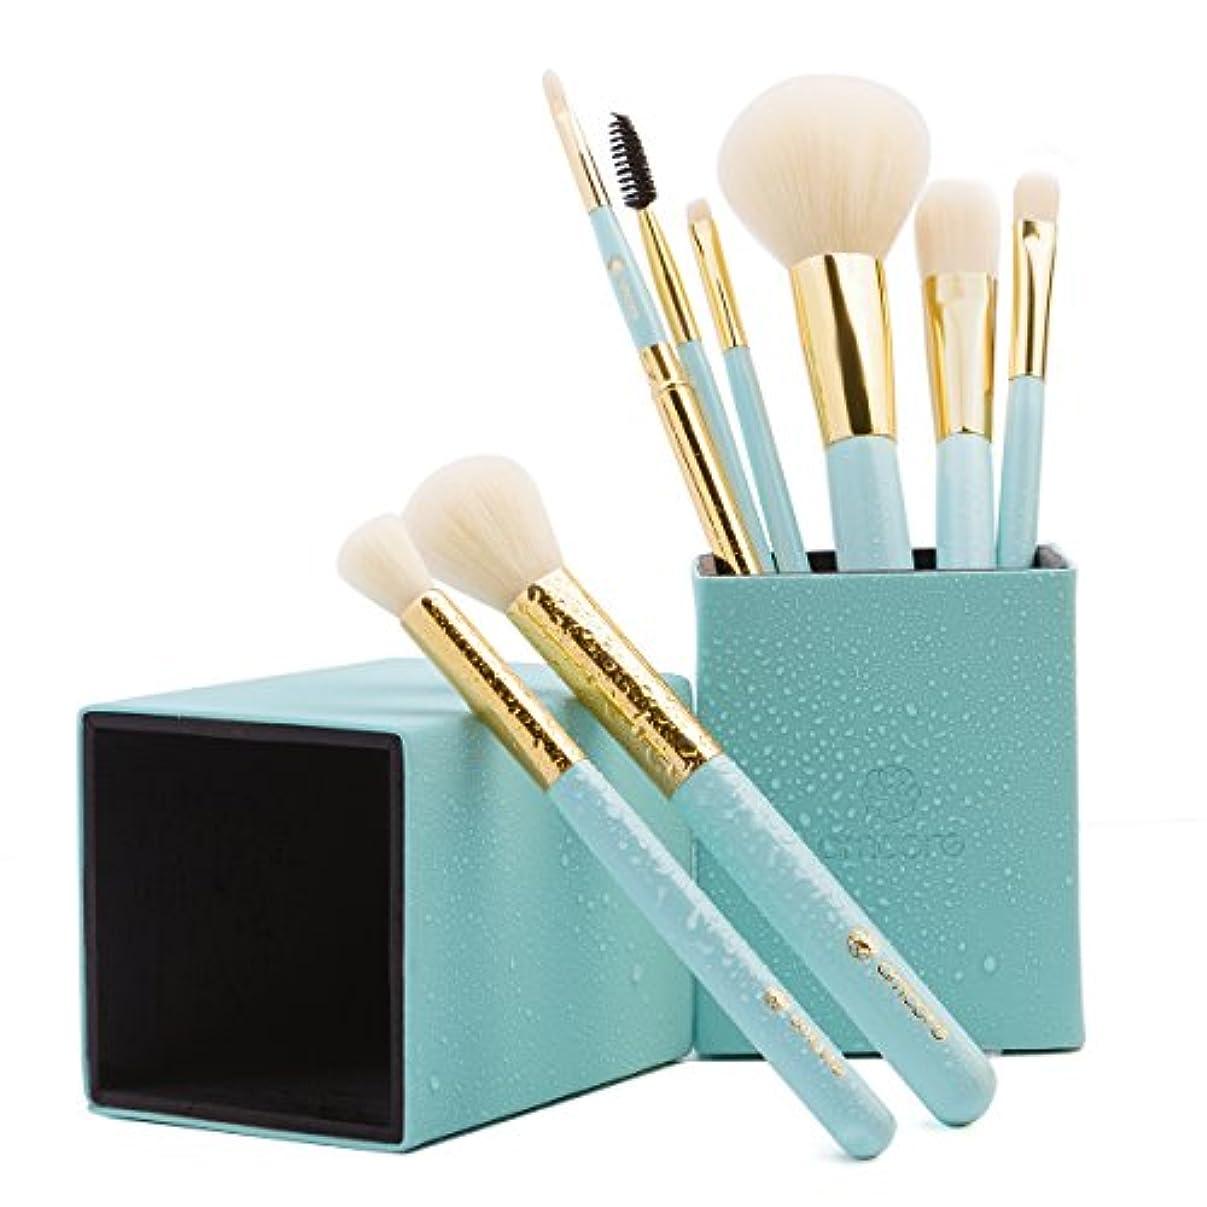 ドライ余裕があるマークamoore 8本 化粧筆 メイクブラシセット 化粧ブラシ セット コスメ ブラシ 収納ケース付き (8本, ミントグリーン)